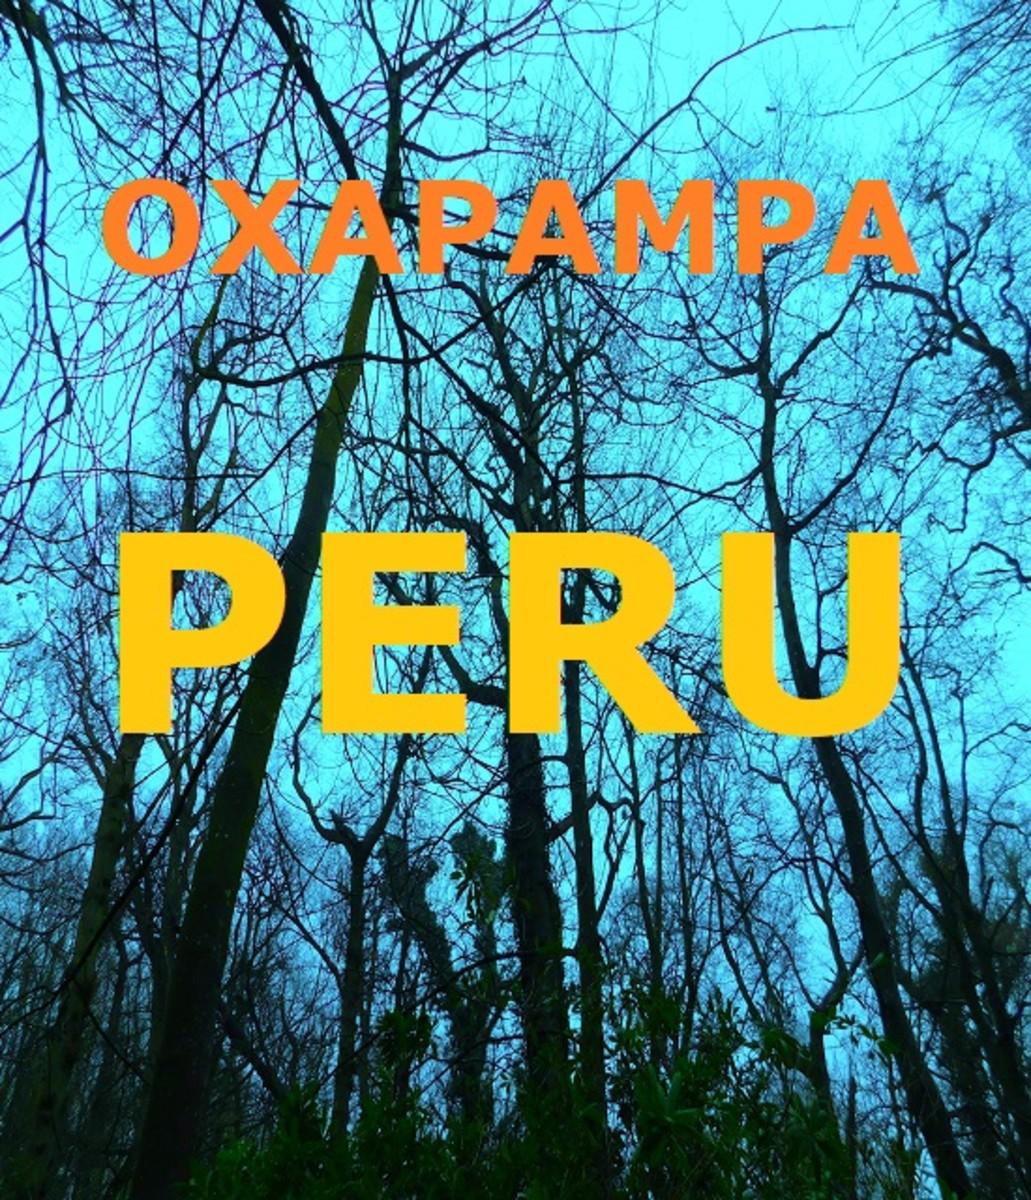 oxapampa-peru-the-secret-austrian-german-community-in-the-peruvian-jungle